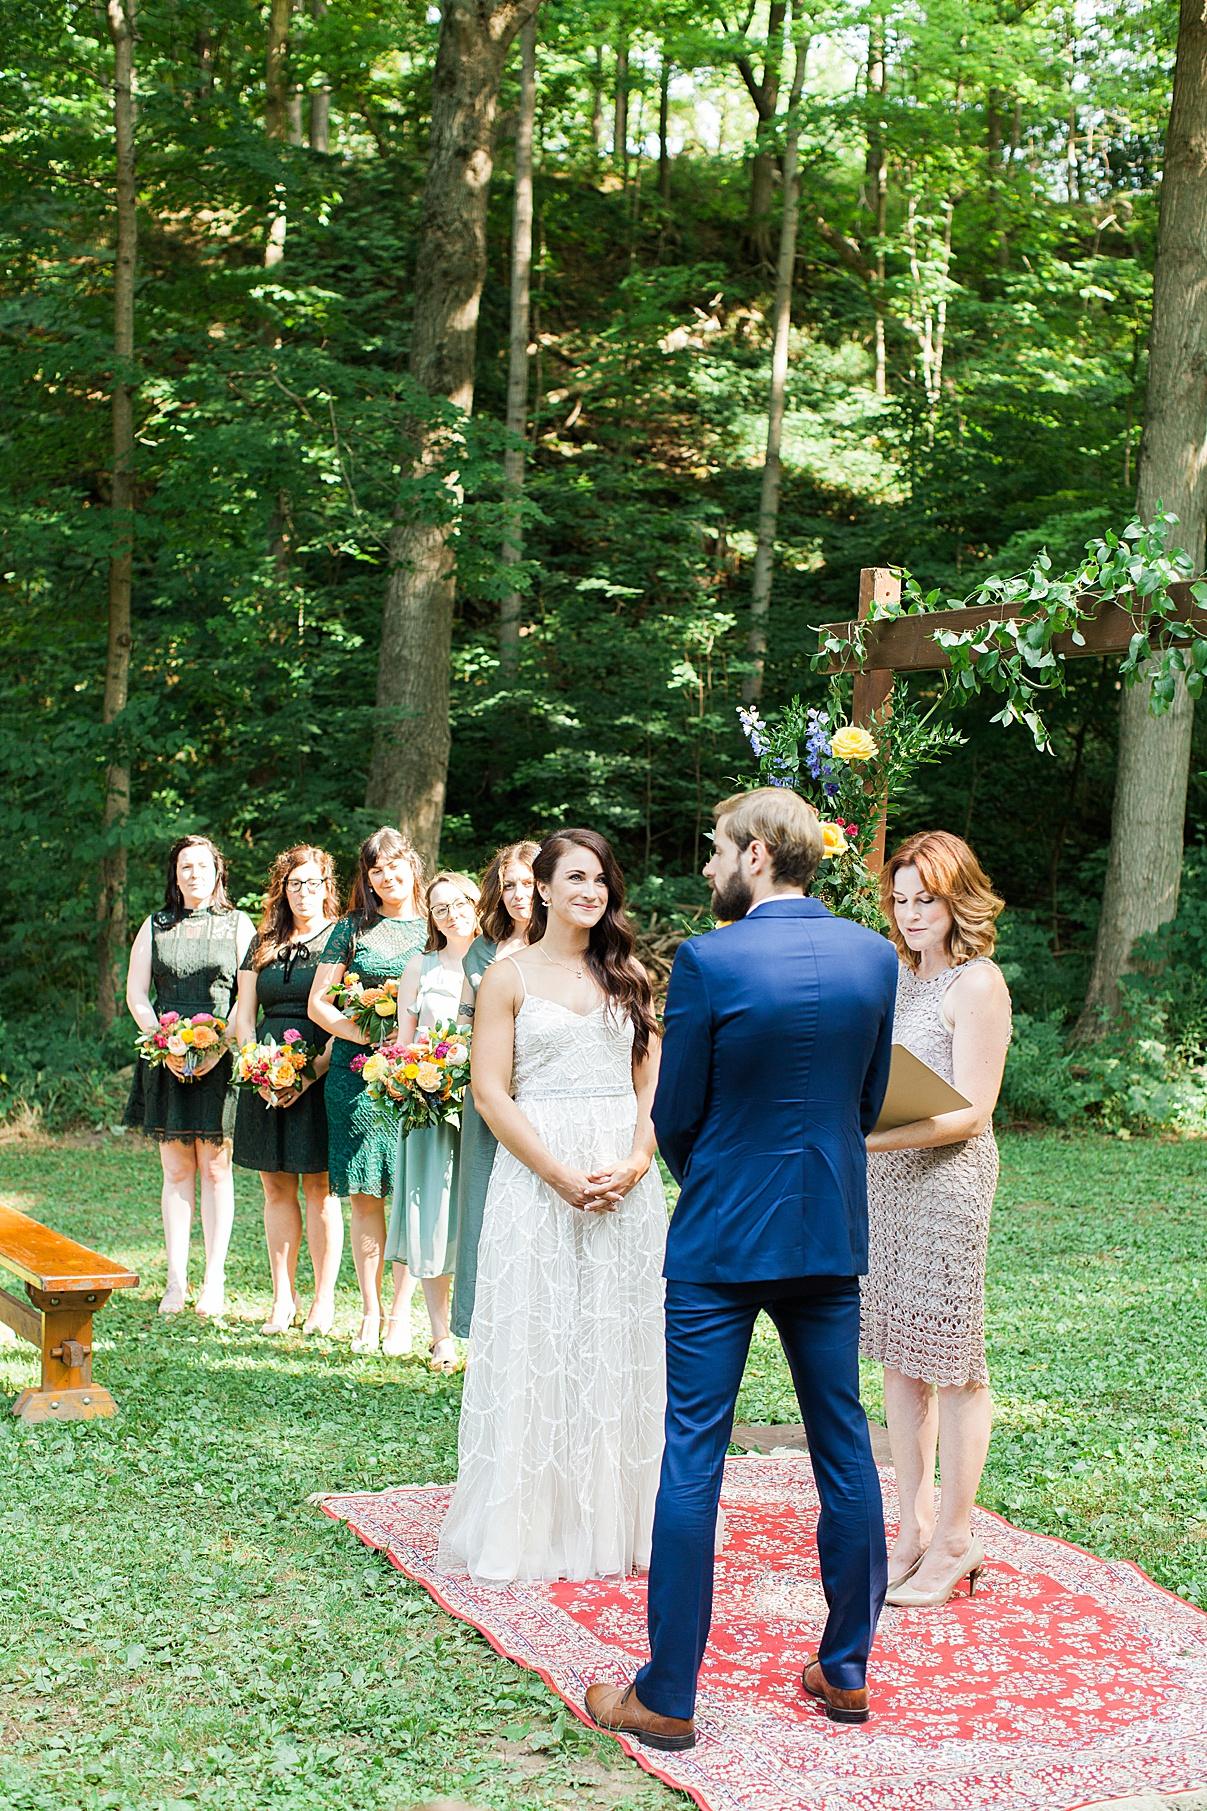 Bride grins at groom at alter at Balls Falls Wedding | Hollie and Brian| Balls Falls, Ontario Wedding| Ontario Wedding Photographer| Toronto Wedding Photographer| 3Photography| 3photography.ca